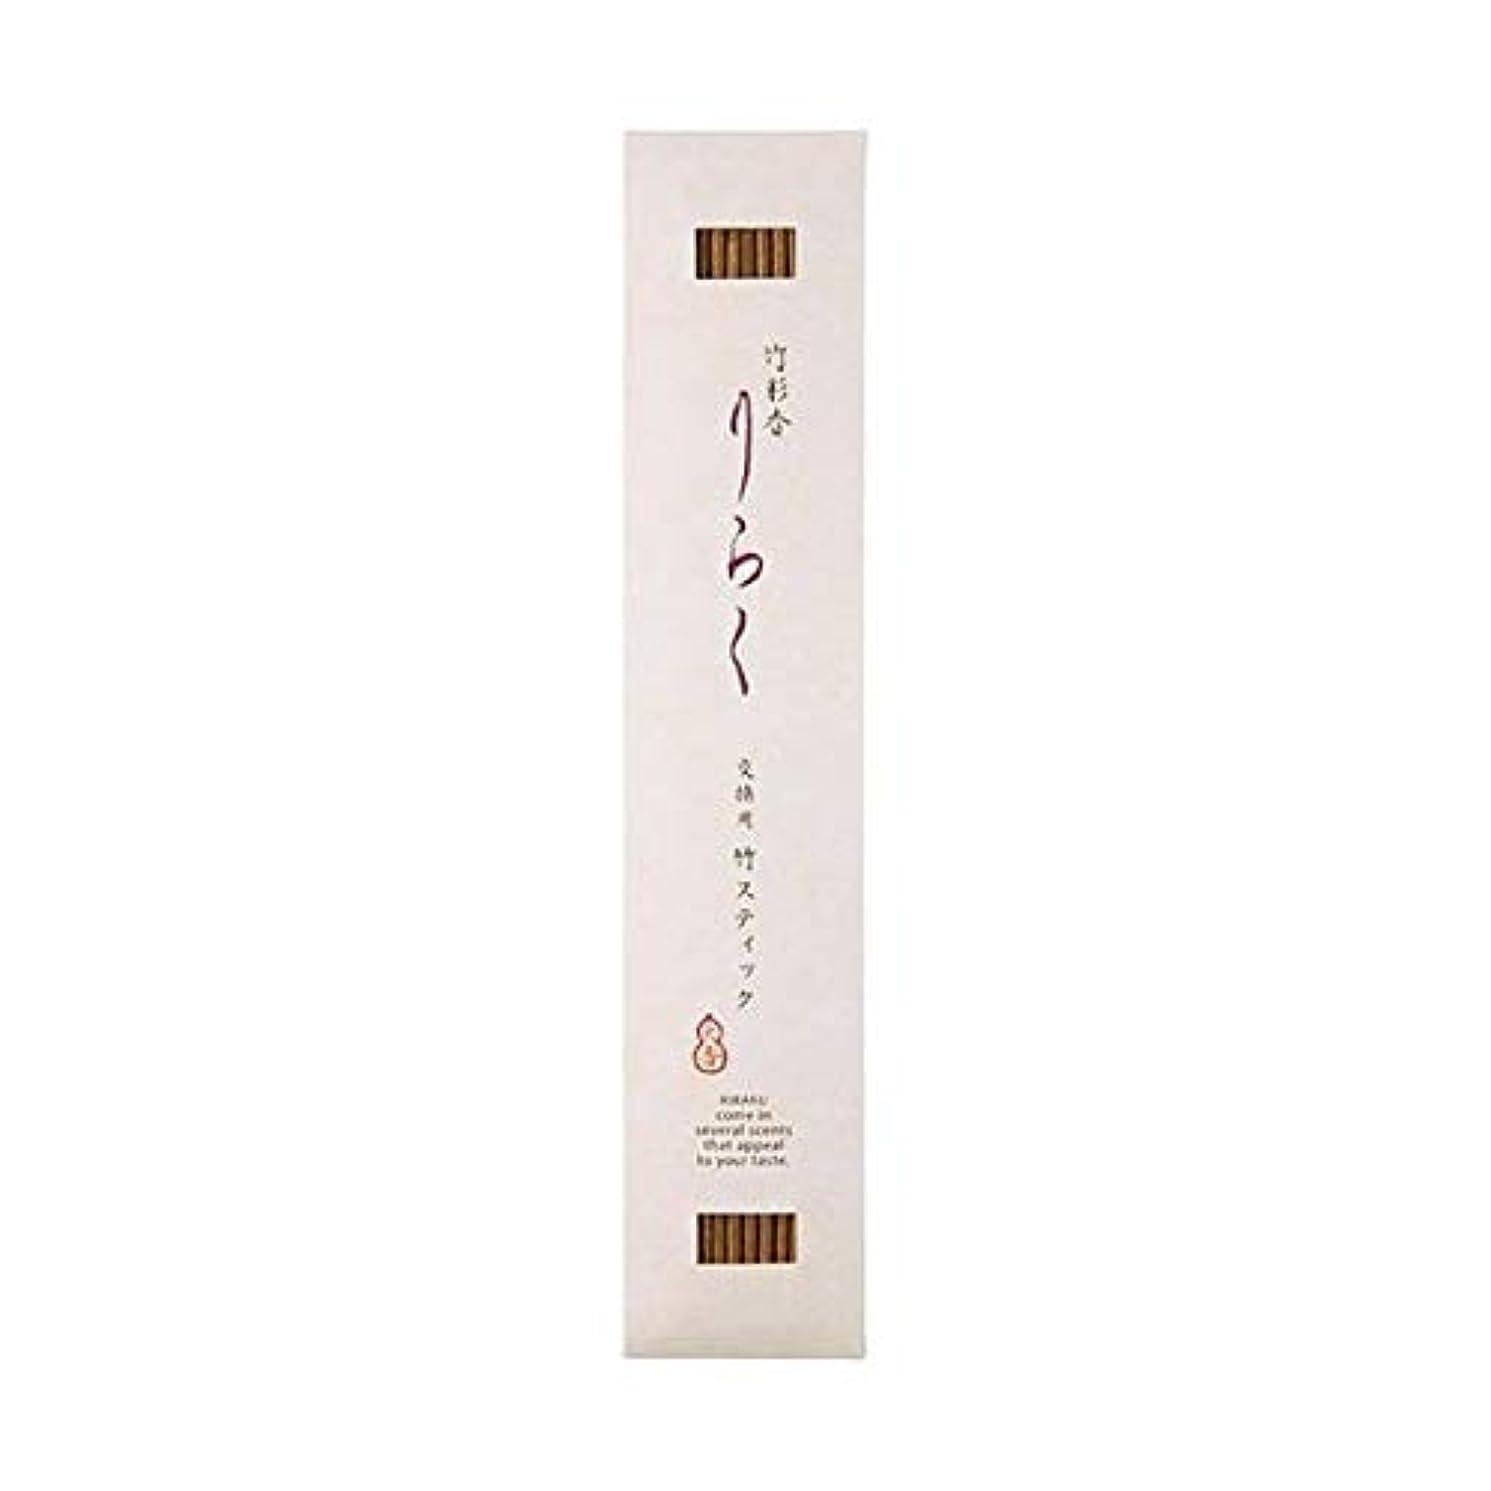 シンクどれでもますます竹彩香りらく 交換用竹スティック白檀の色 10本